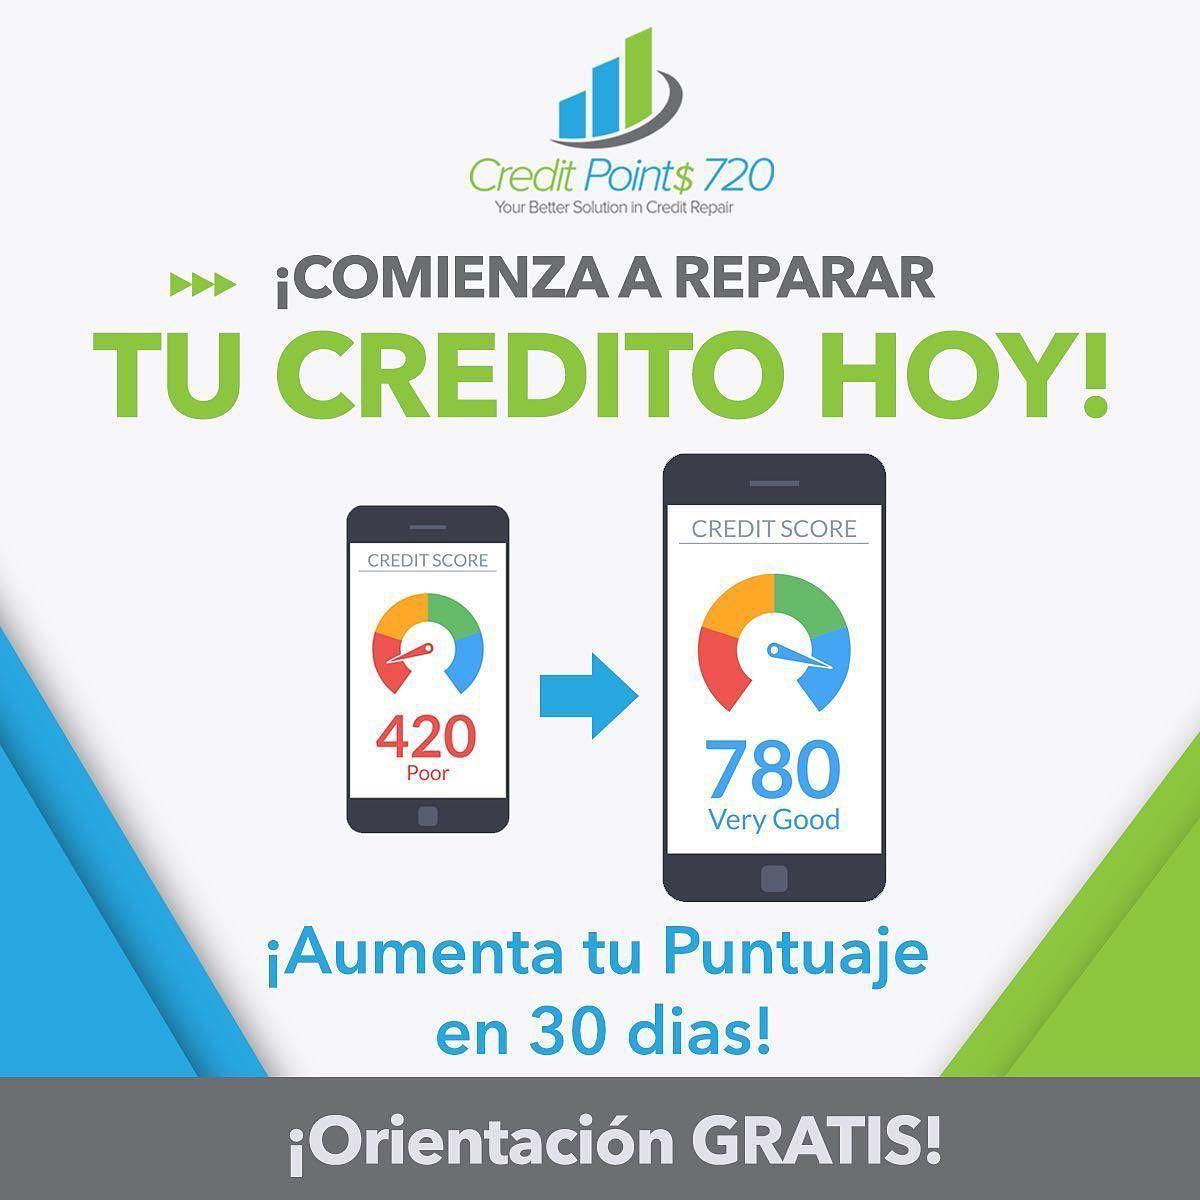 Reparación de Credito! Resultados positivos en 30 días. La consulta es completamente Gratis (Estados Unidos y Puerto Rico) Hablemos hoy por DM #reparaciondecredito #creditrepair #creditpoints720 #creditpoints720miamipic.twitter.com/LCh7IFnckA